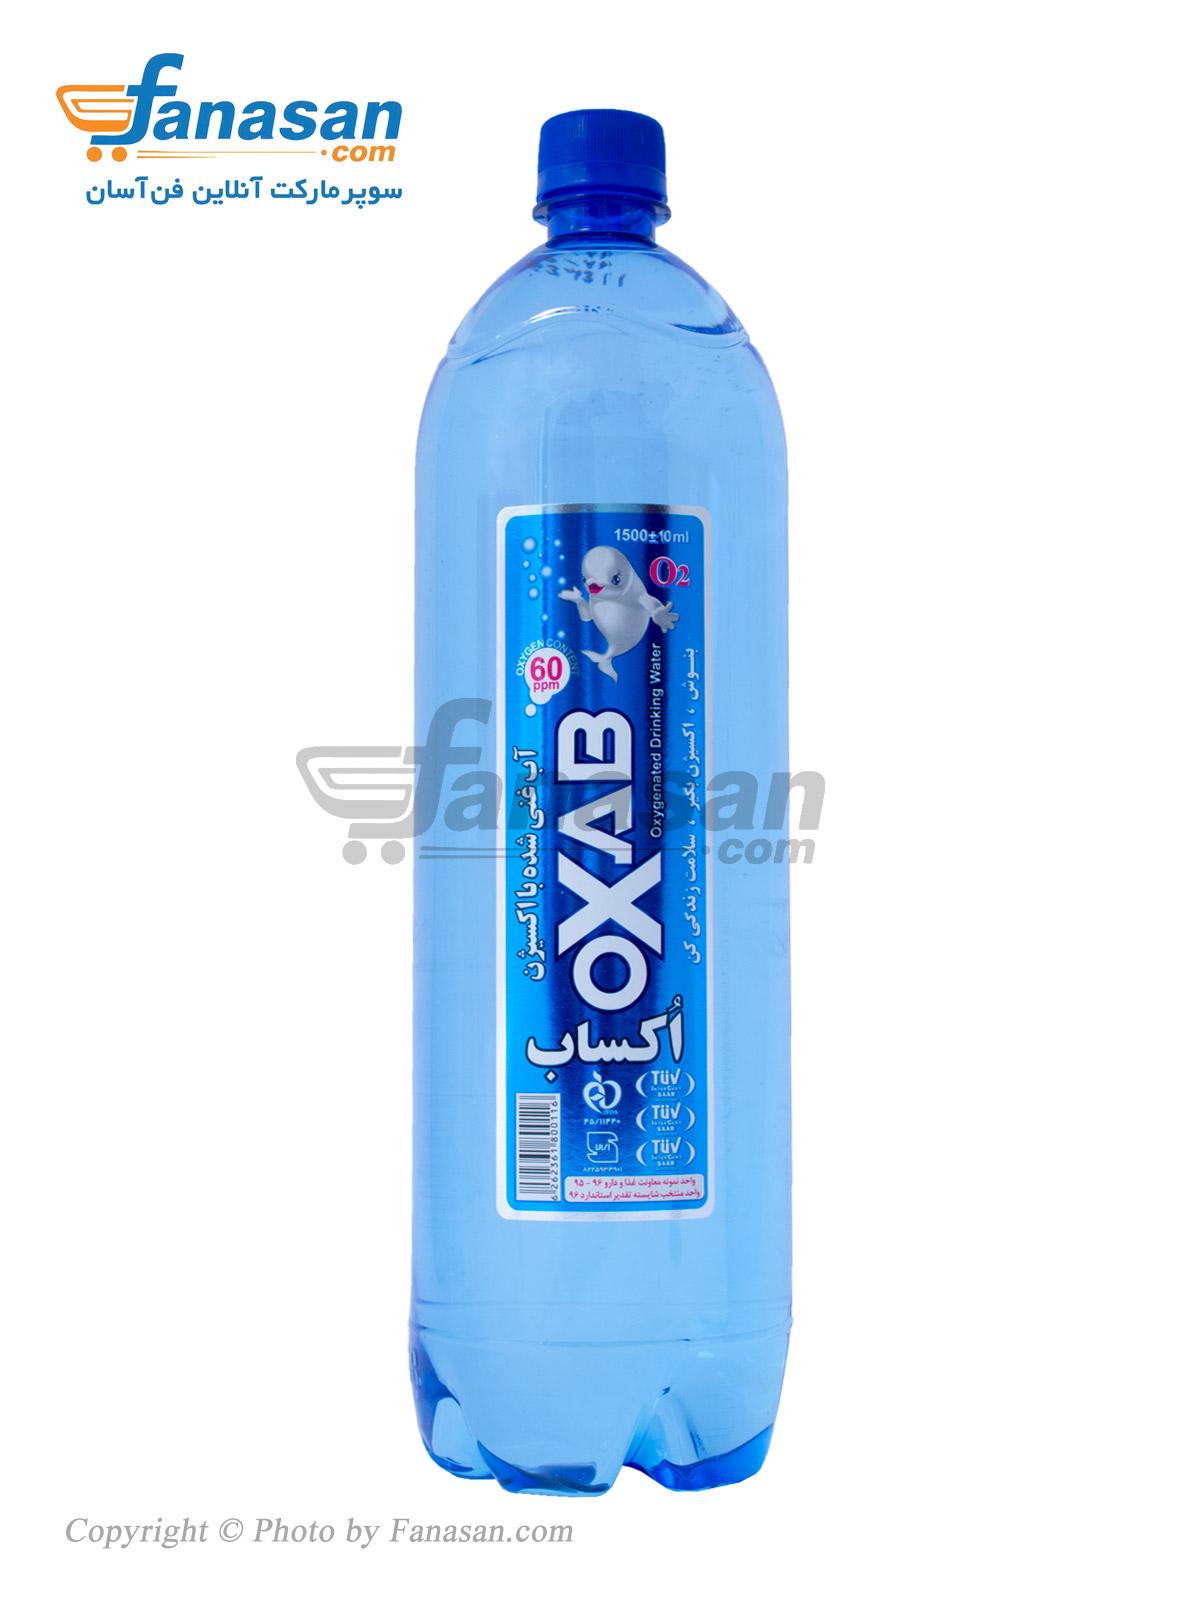 آب غنی شده با اکسیژن اکساب 1500 میلی لیتر